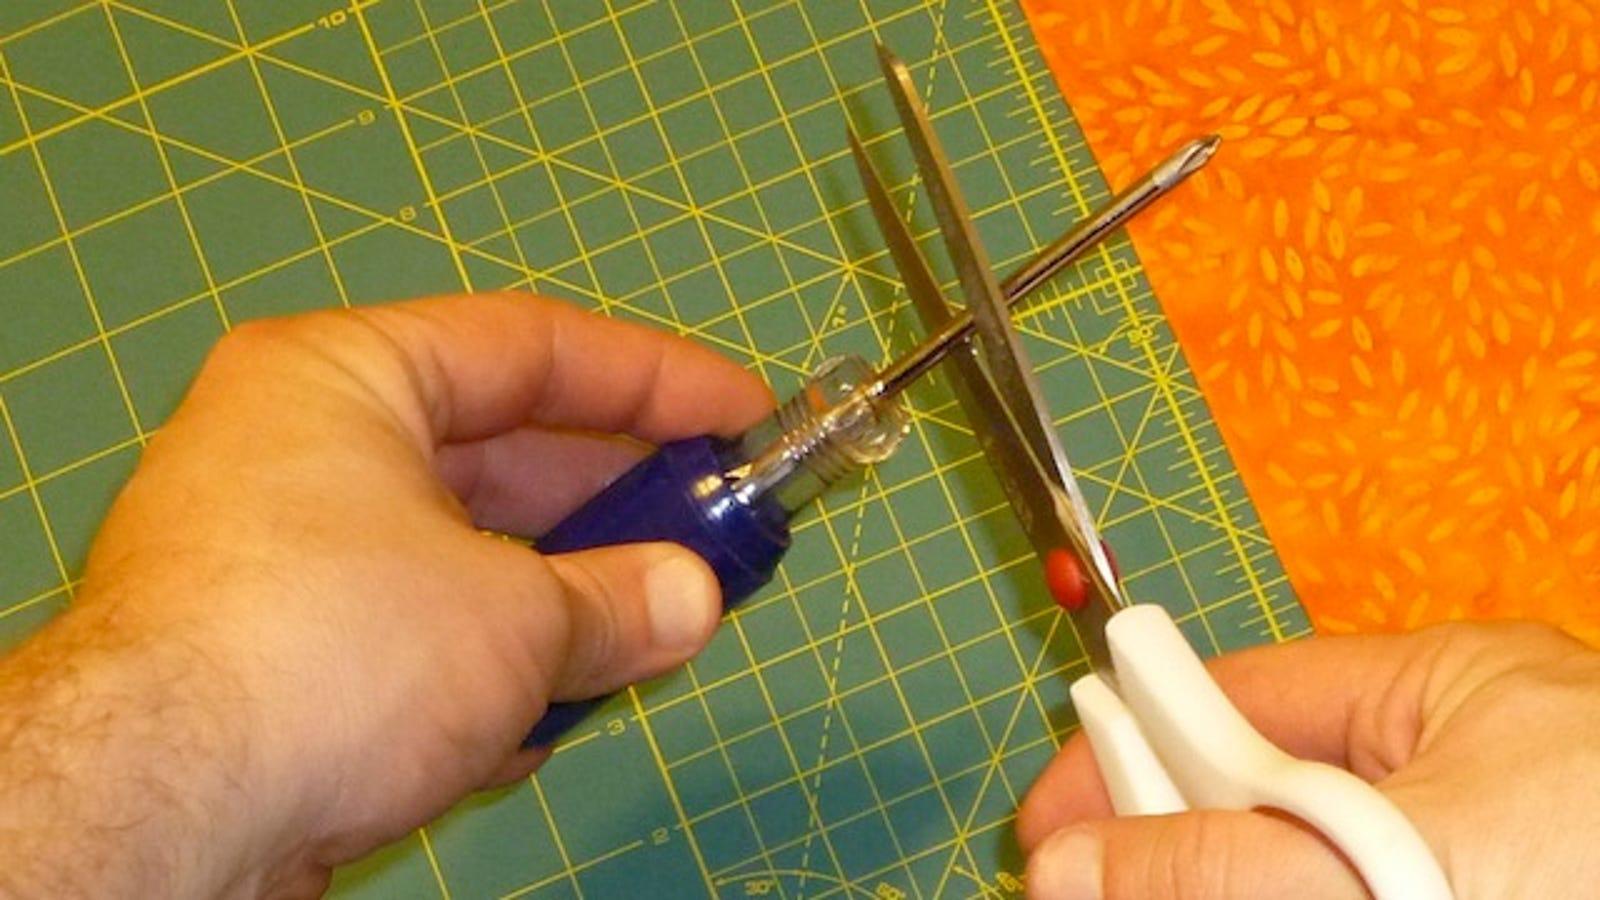 Fix Dull Scissors with a Screwdriver